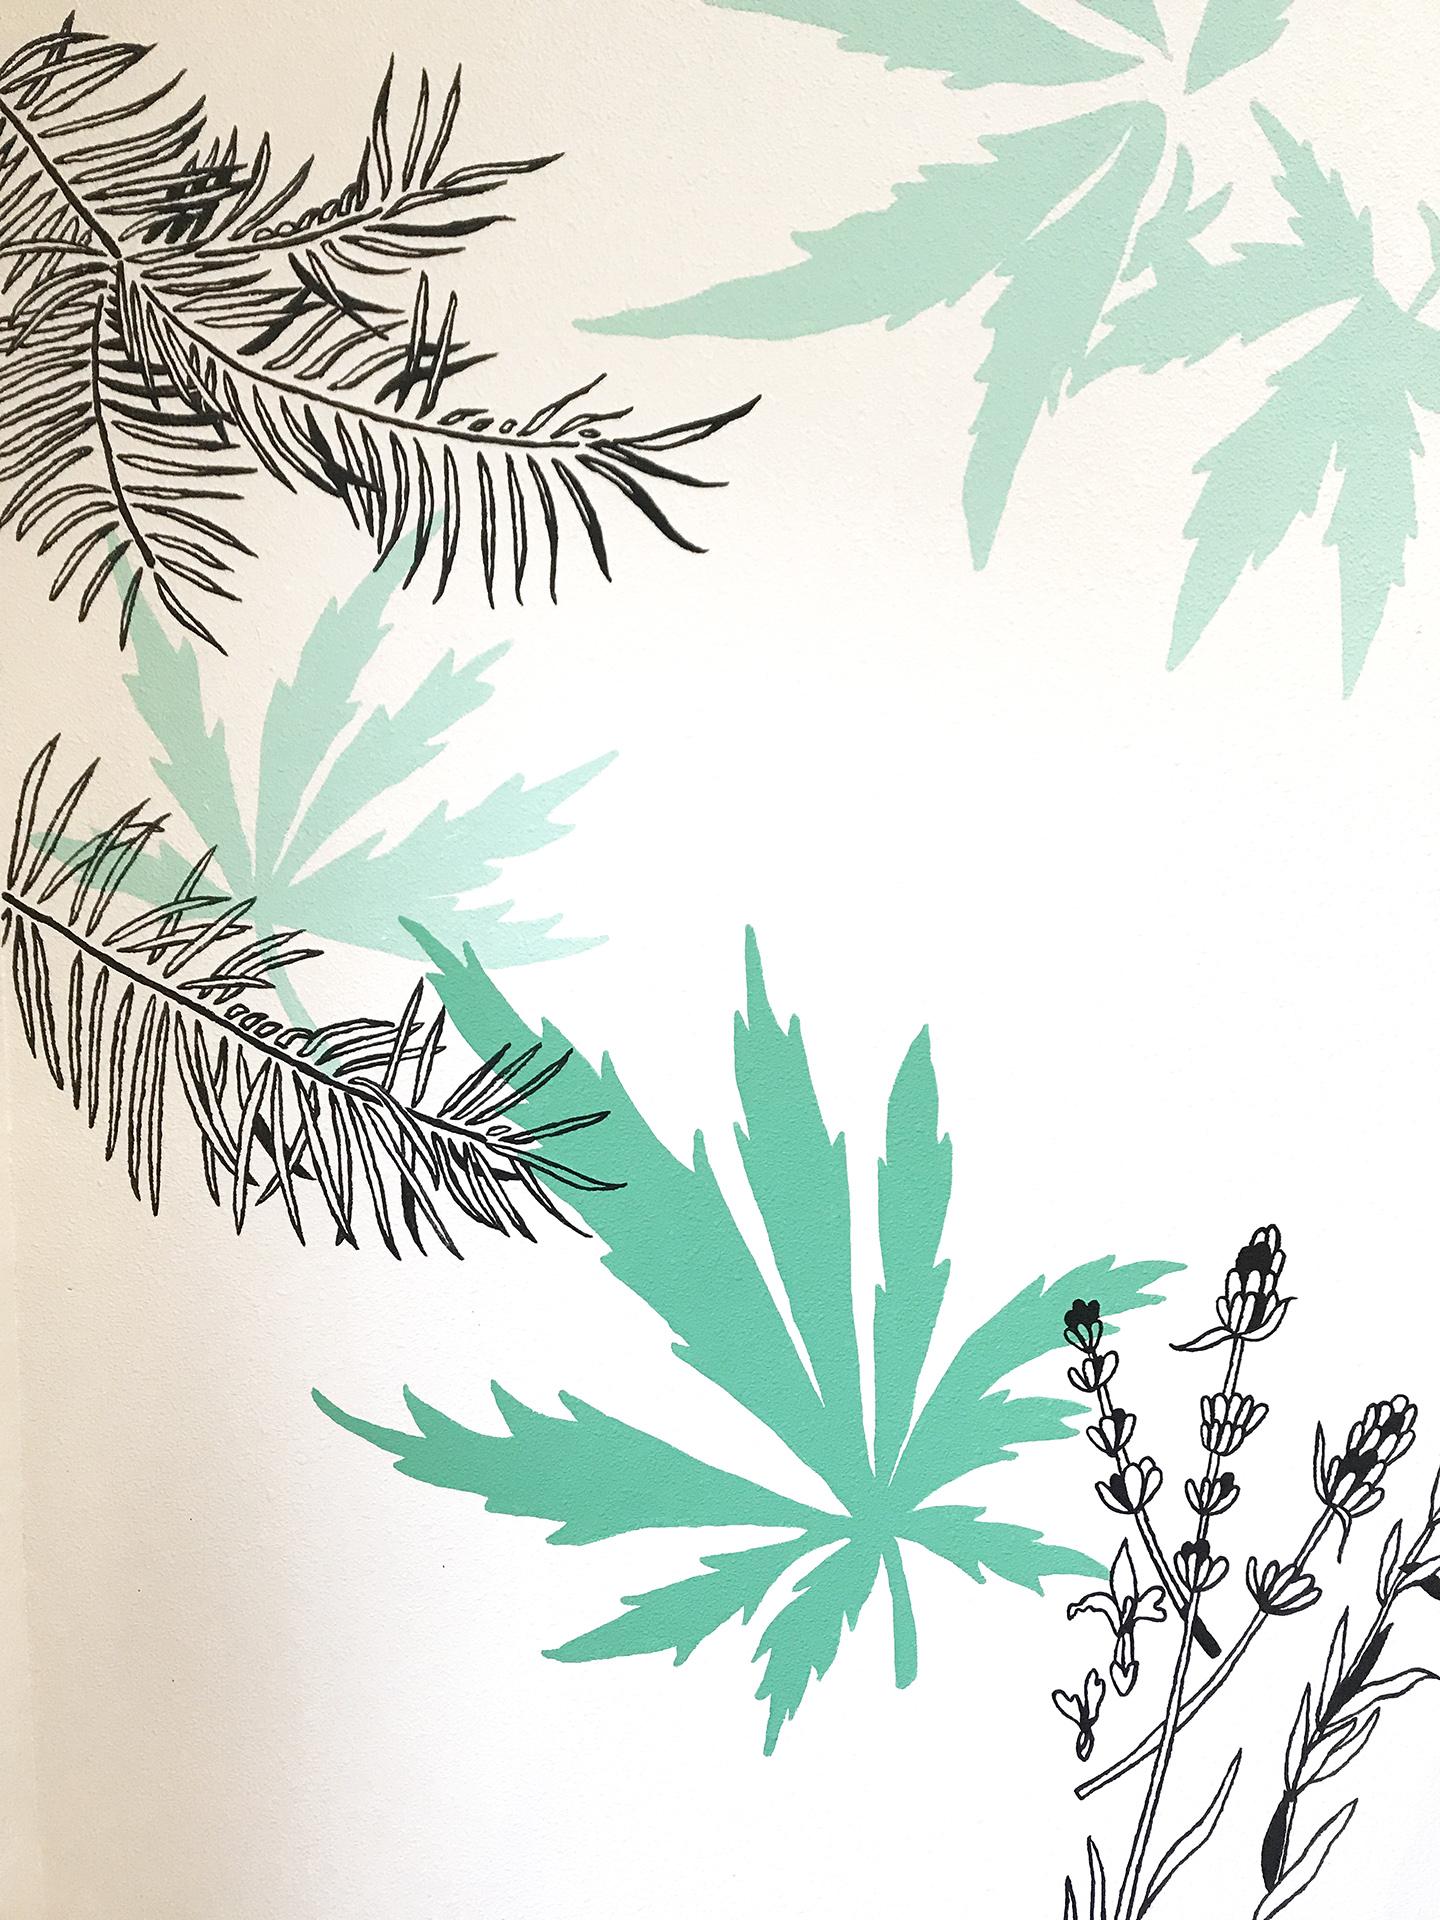 treestar mural detail 7.jpg